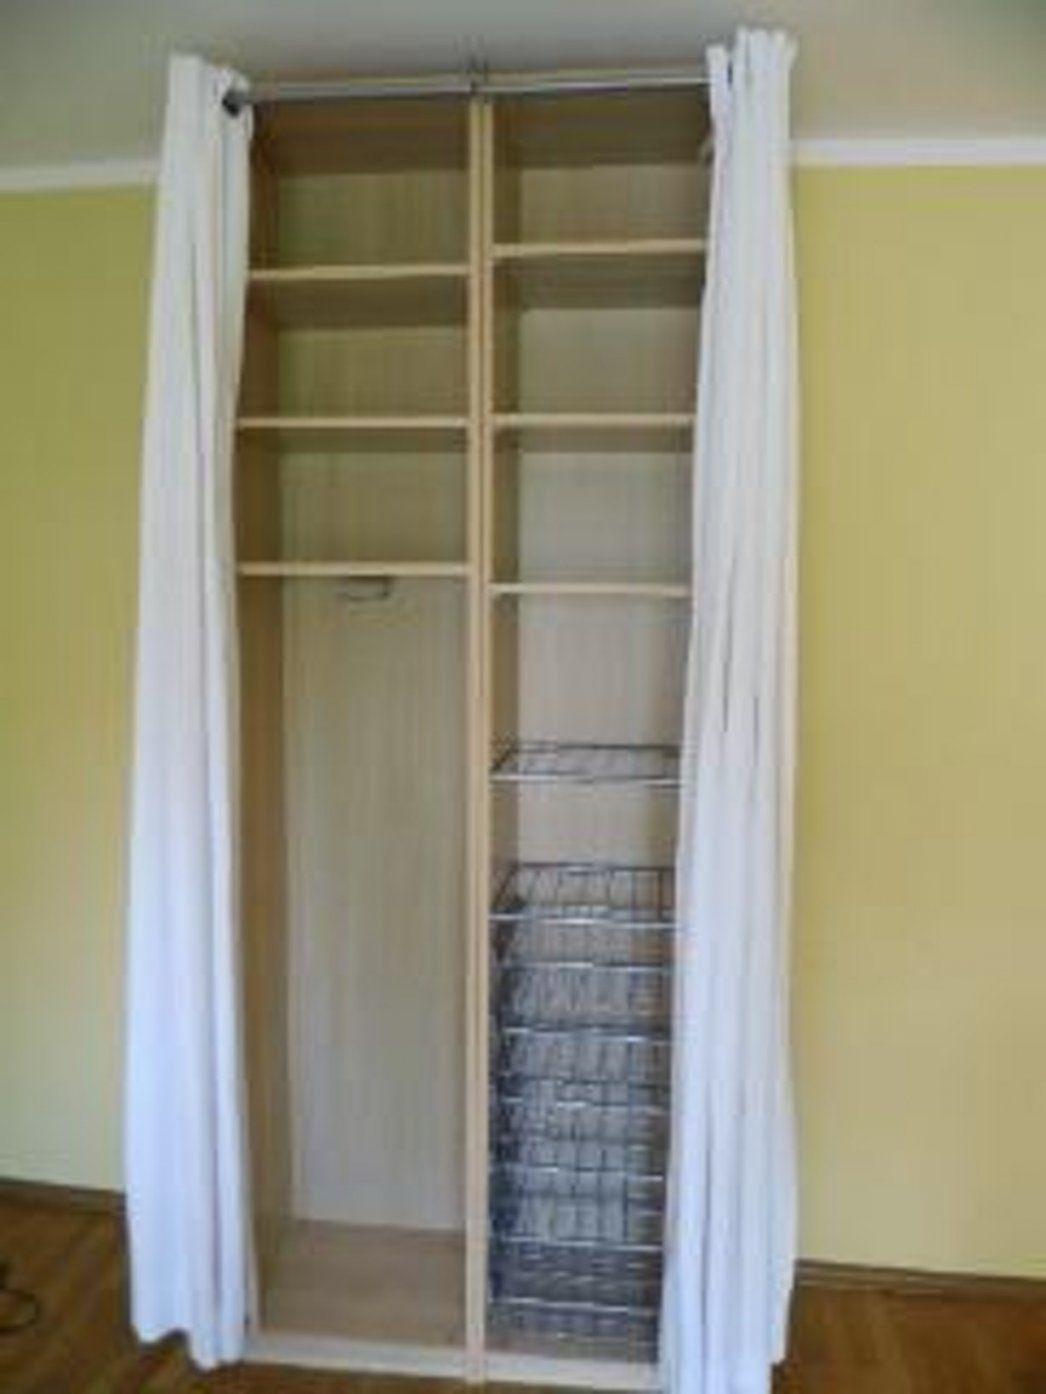 Vorhang Pax Kleiderschrank Mit Vorhang Kleiderschrank Mit Vorhang Schrank Design Kleiderschrank